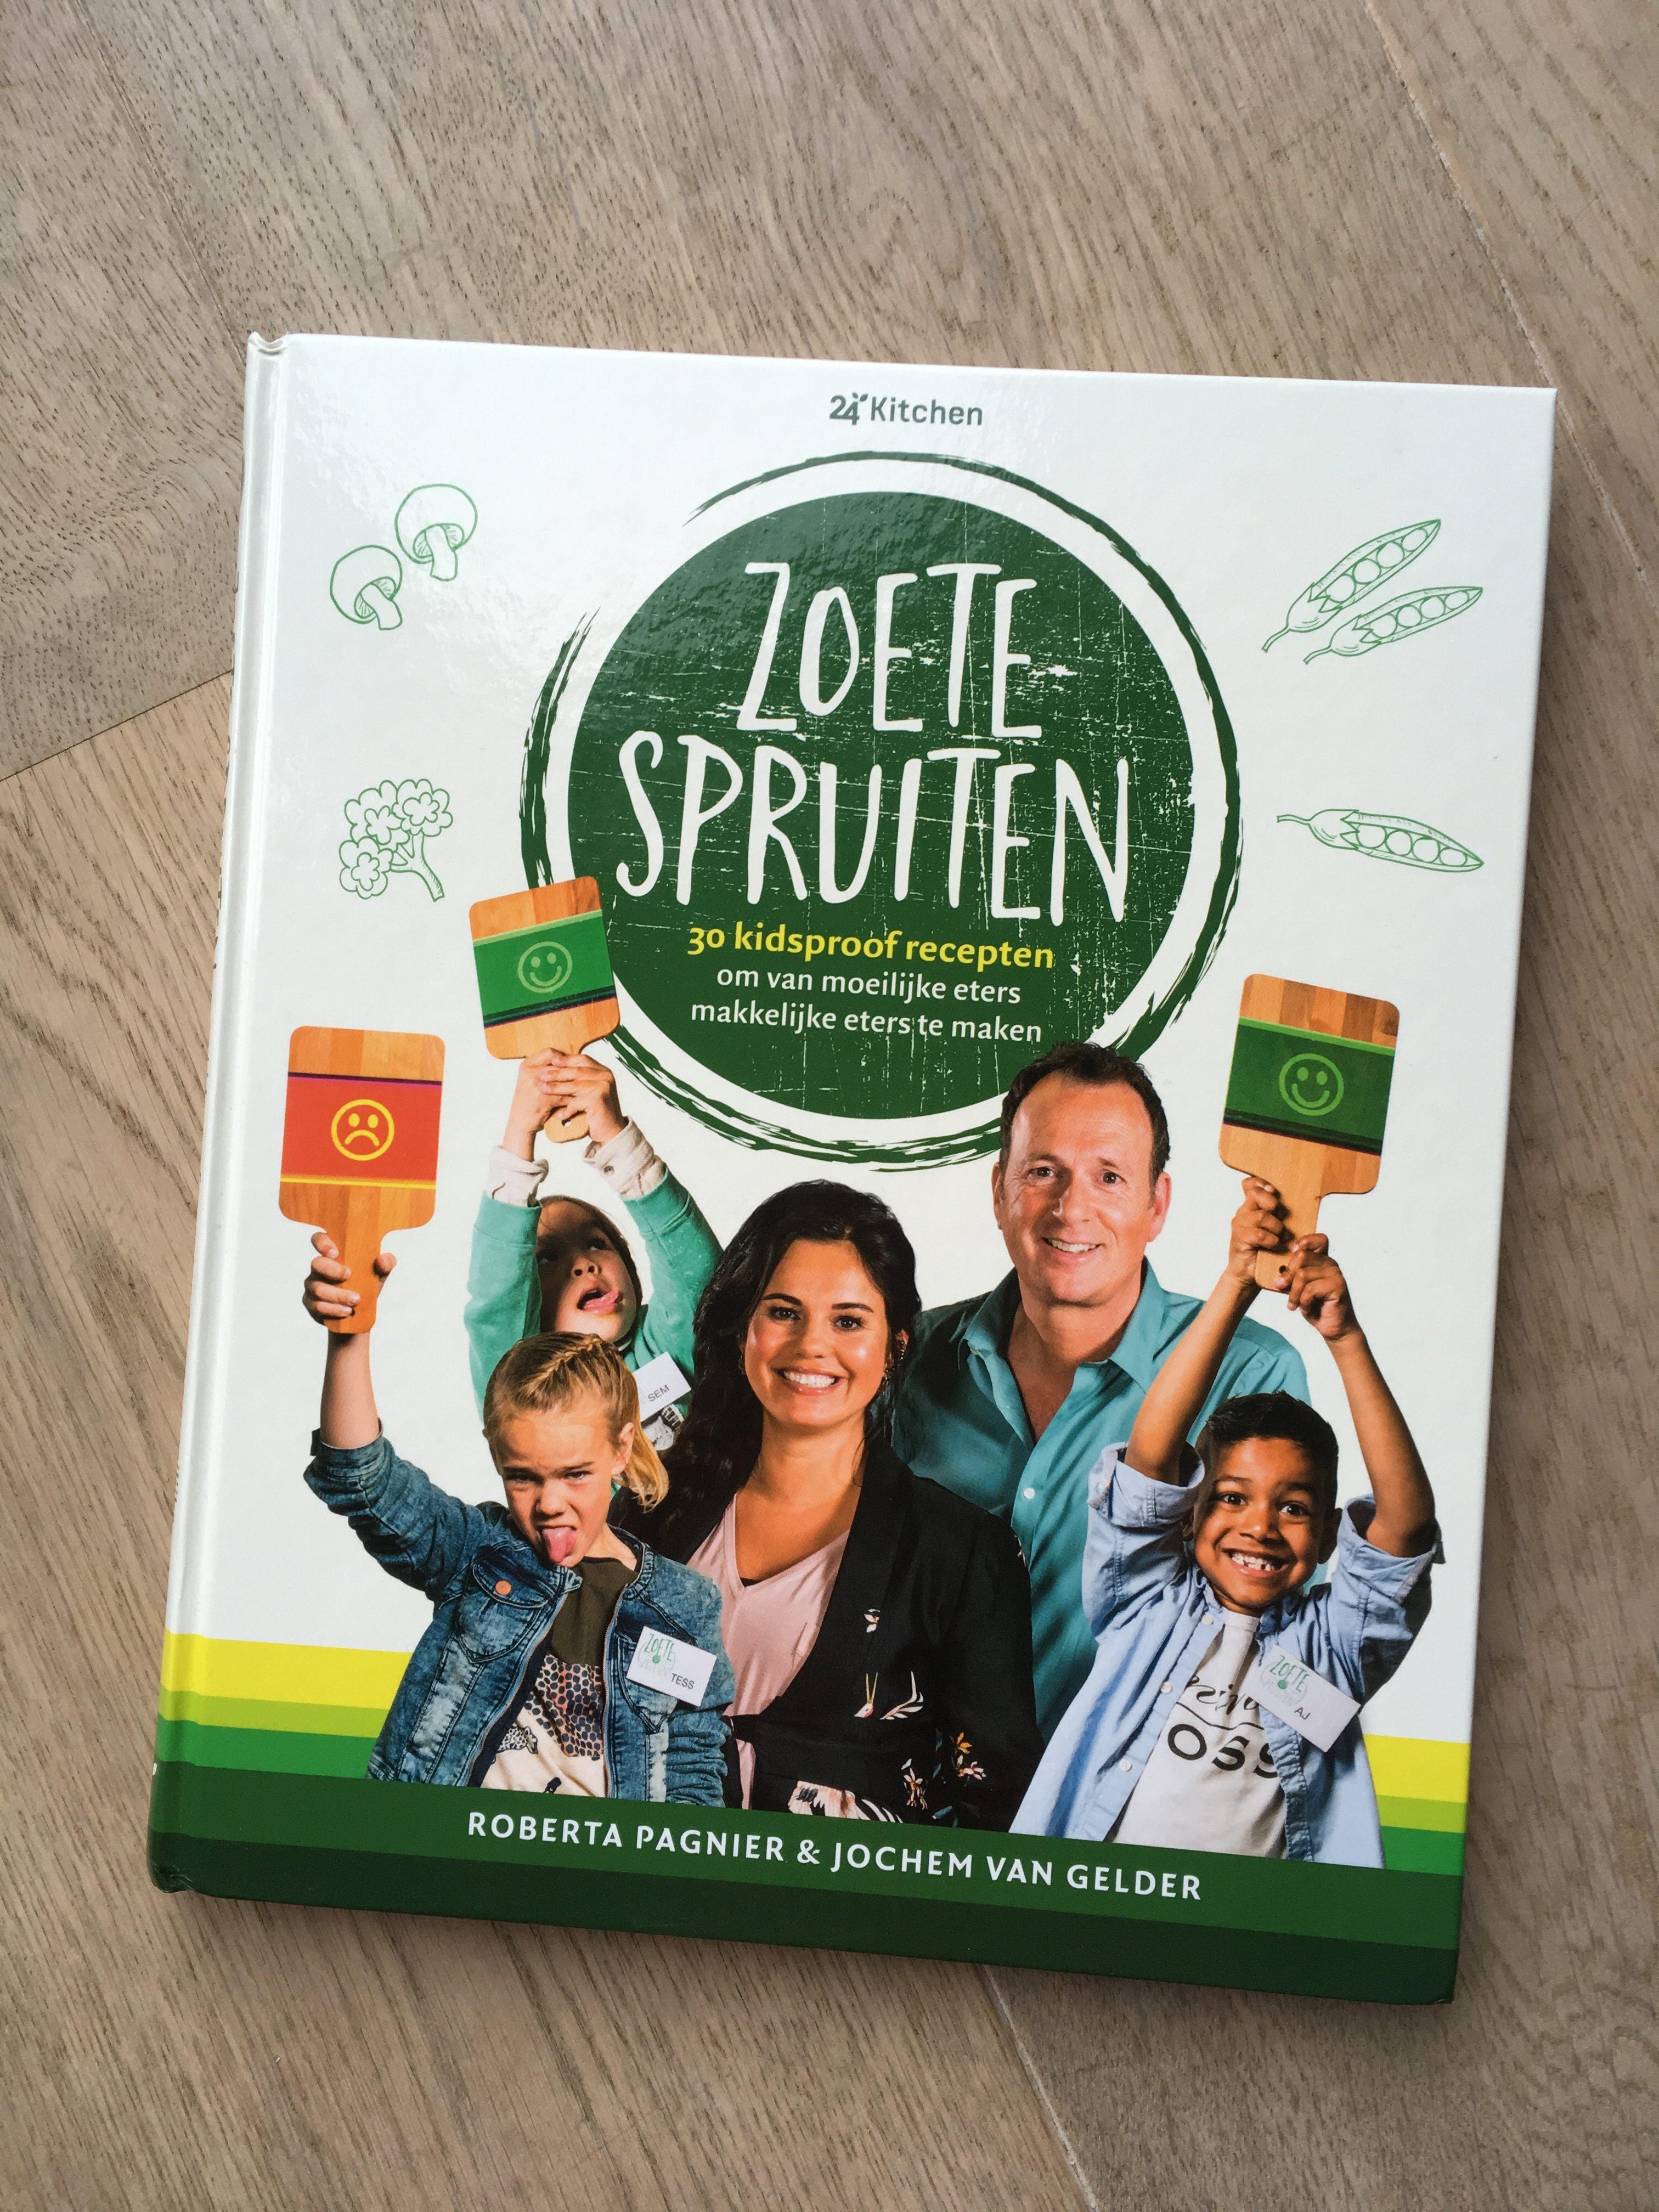 Zoete spruiten kinderkookboek 24Kitchen recensie